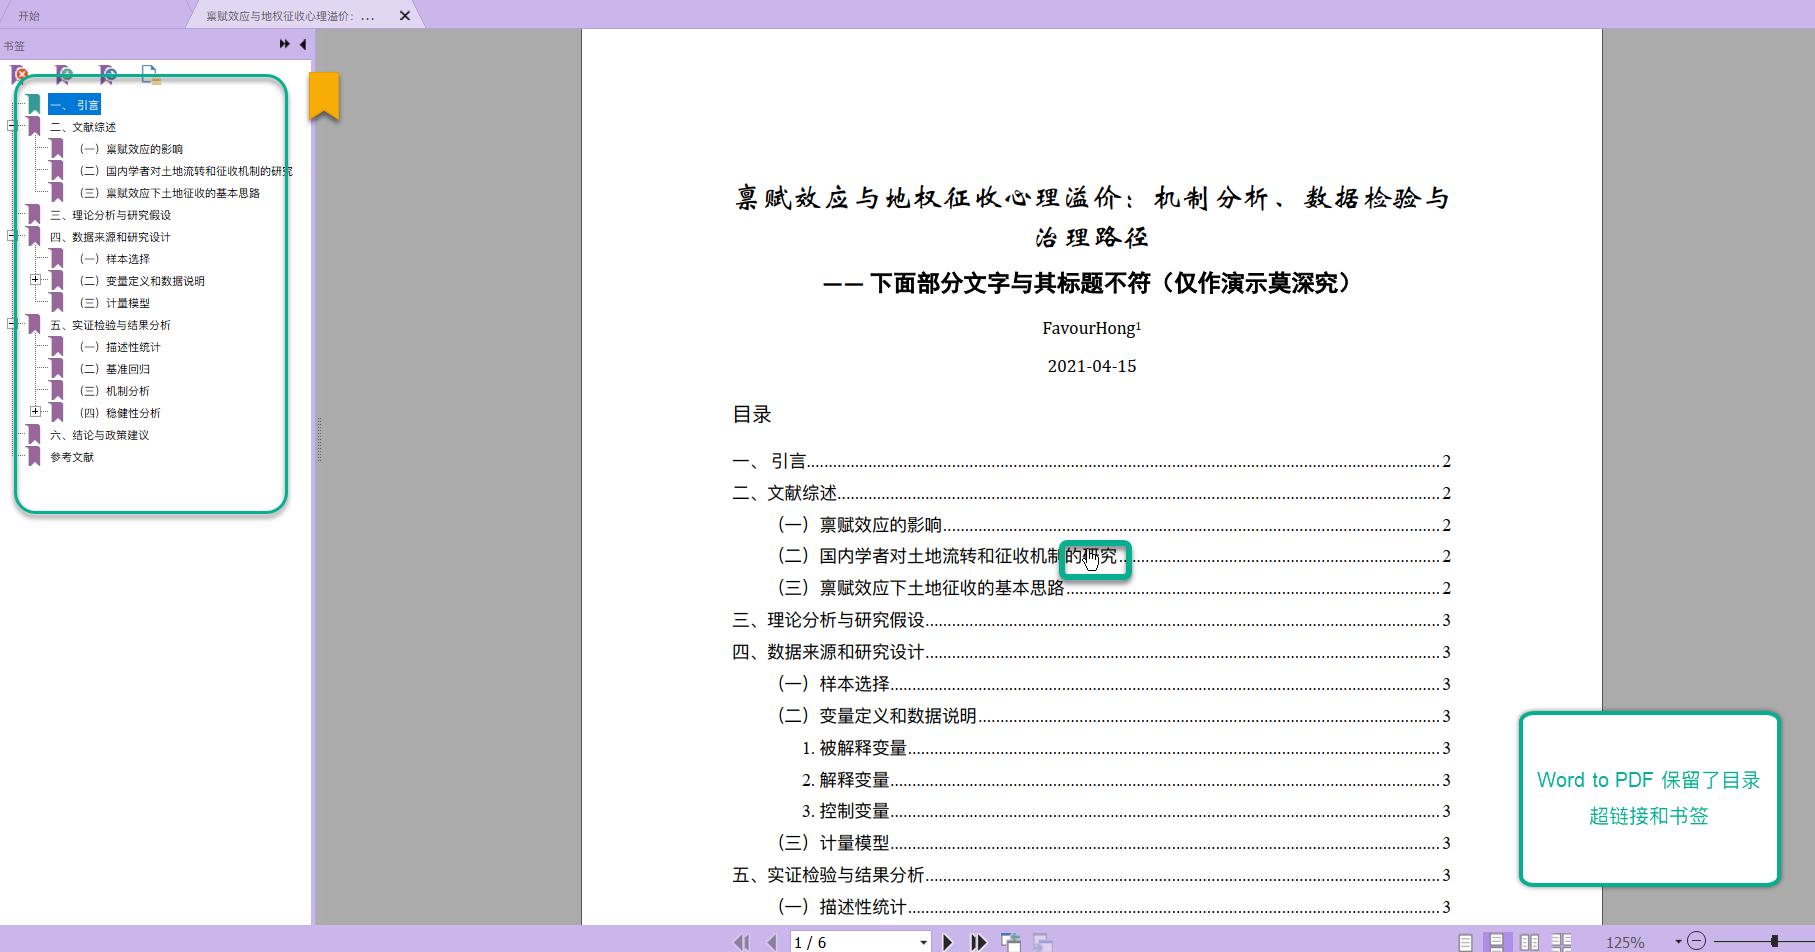 Word to PDF 保留目录书签的效果